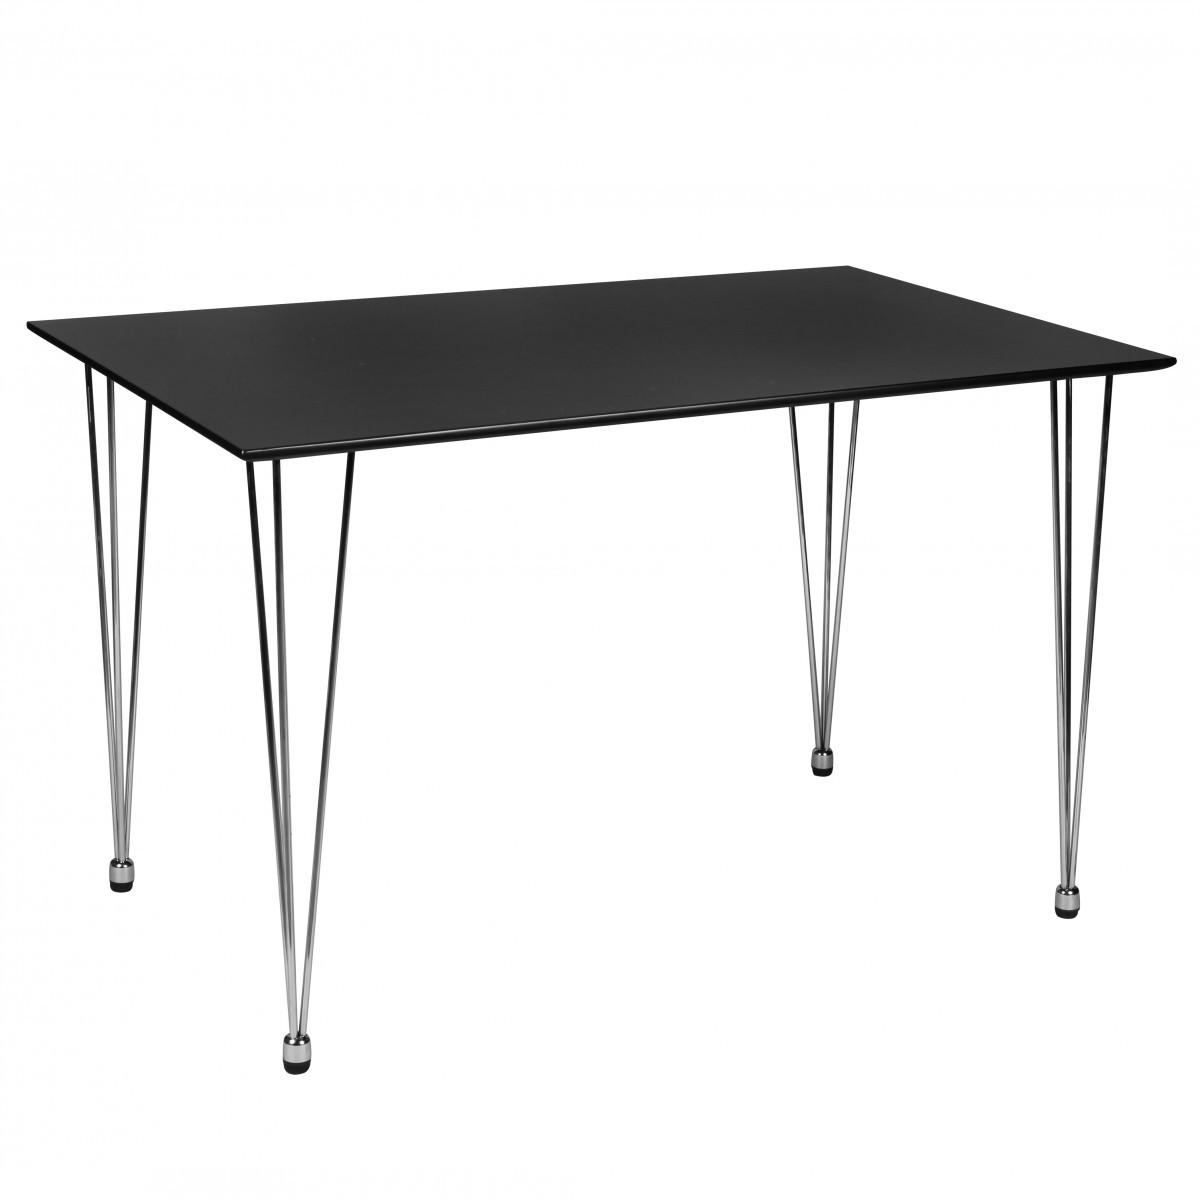 Finebuy design esstisch 120 x 80 x 76cm matt schwarz for Esstisch 70 x 120